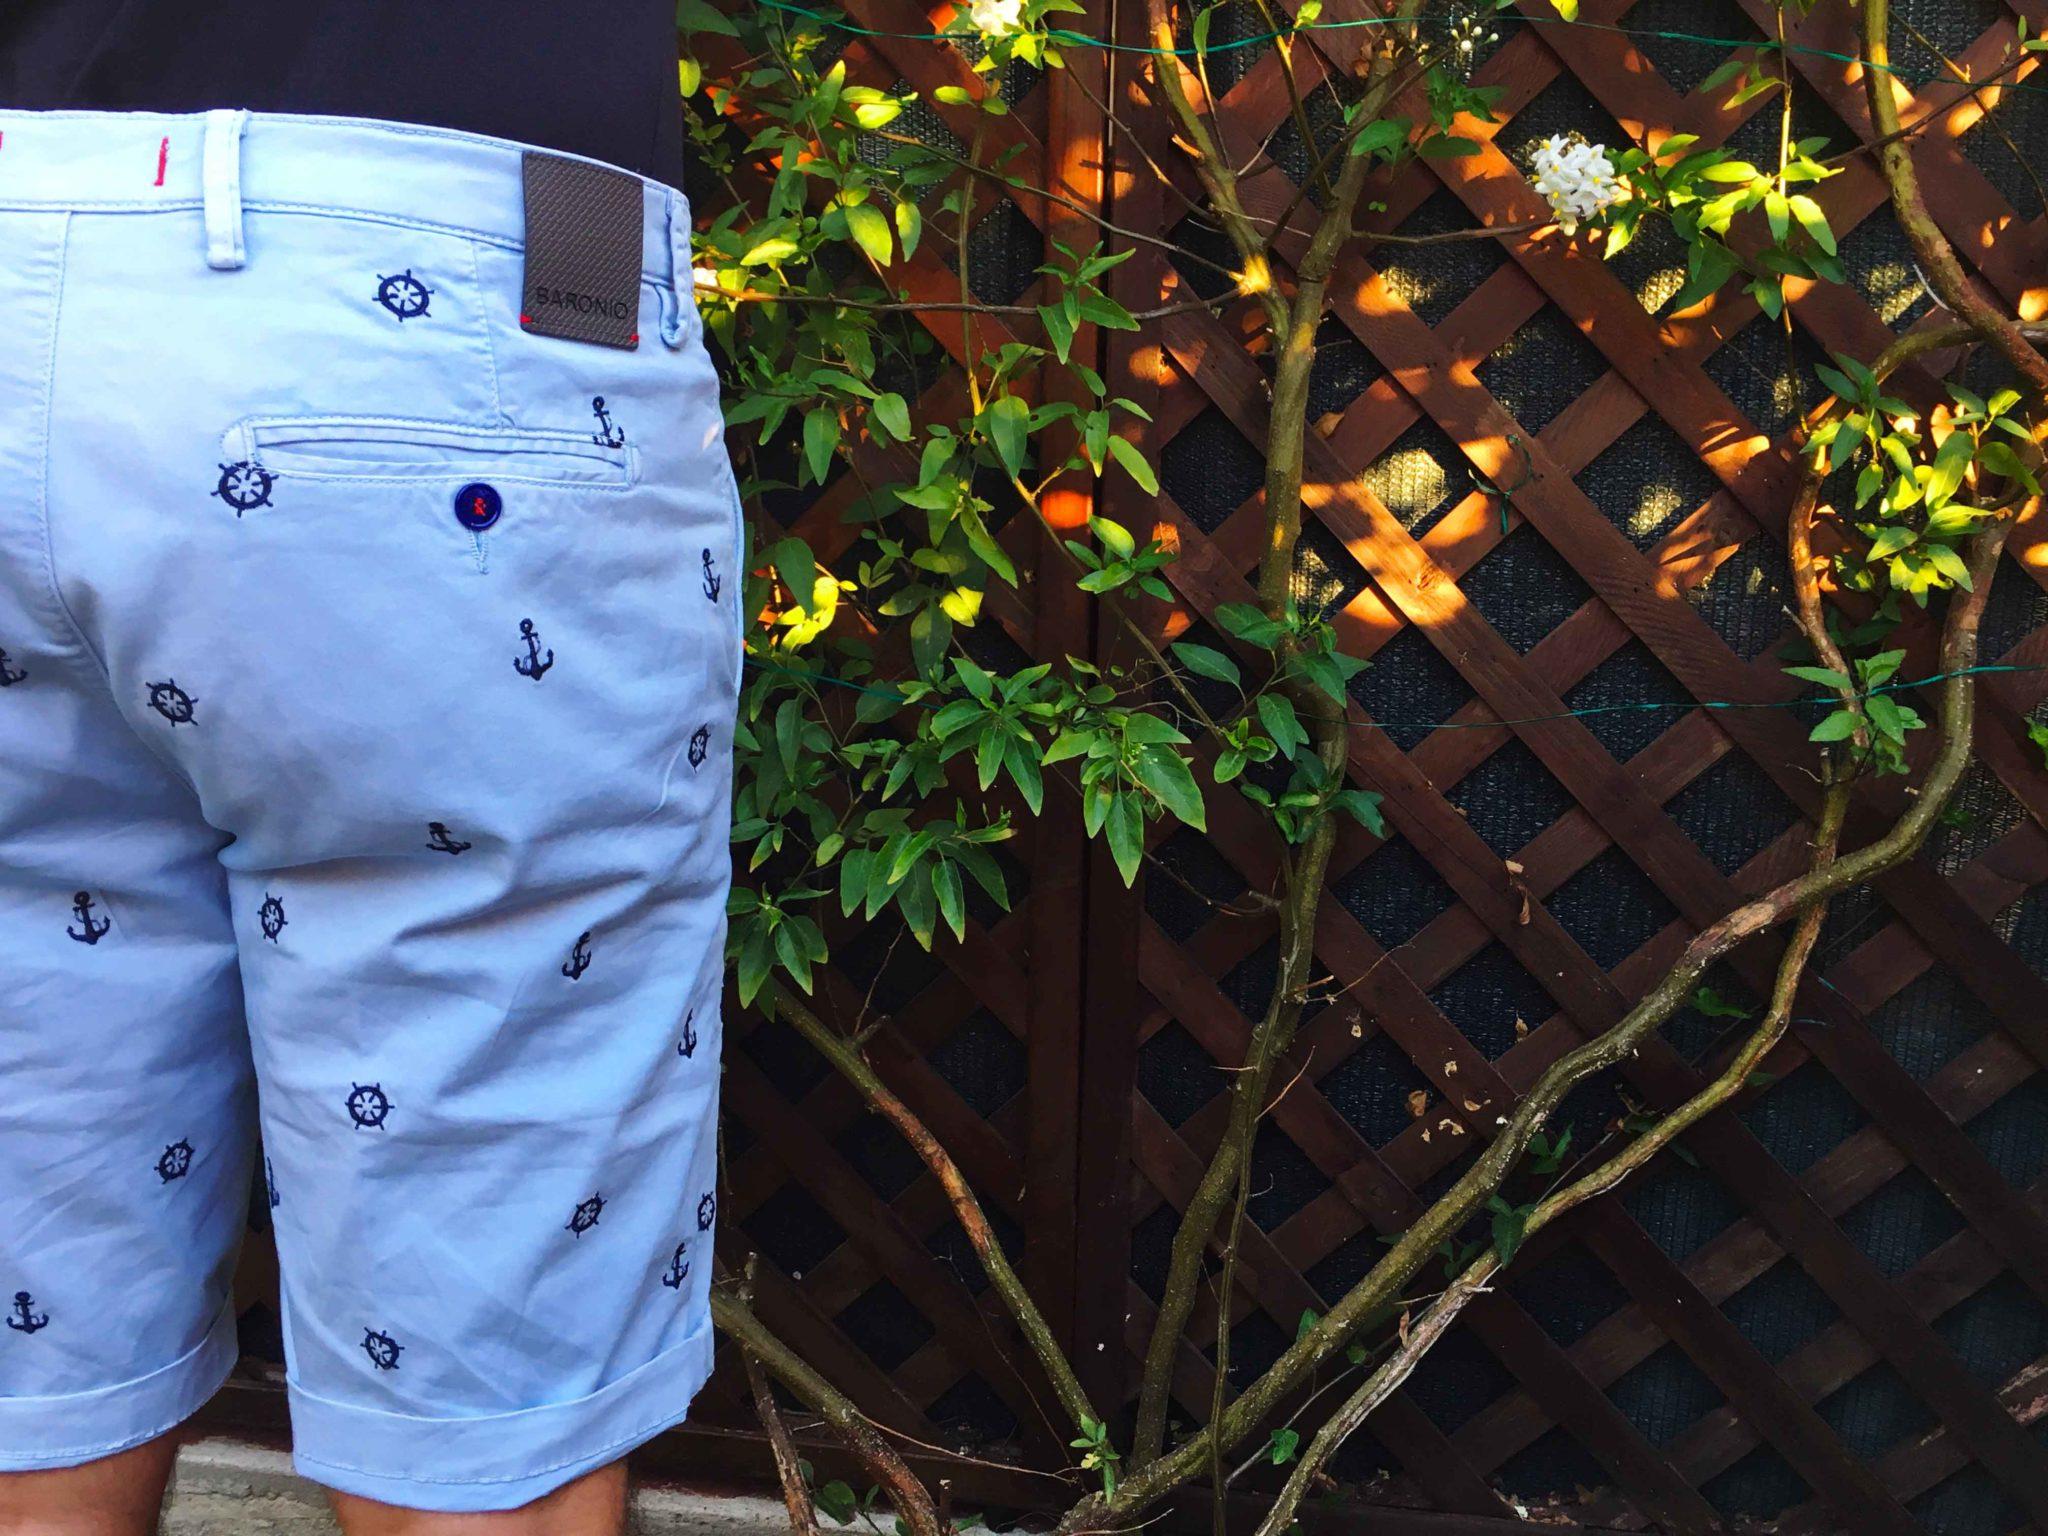 baronio-pantaloni-8